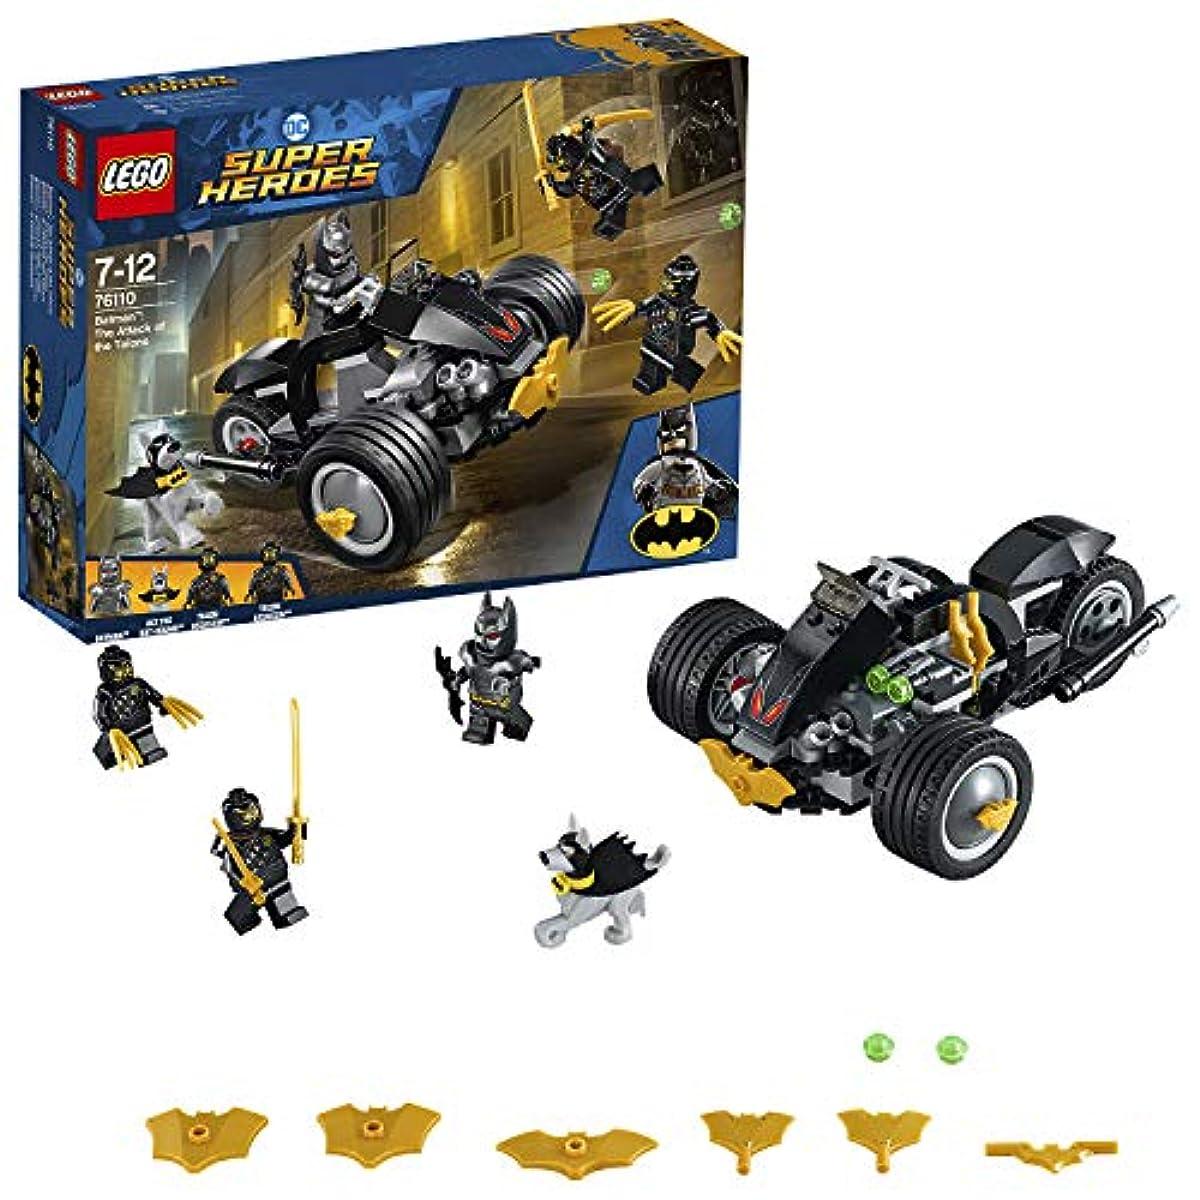 [해외] 레고(LEGO)슈퍼히어로즈 배트맨:talon의 공격 76110